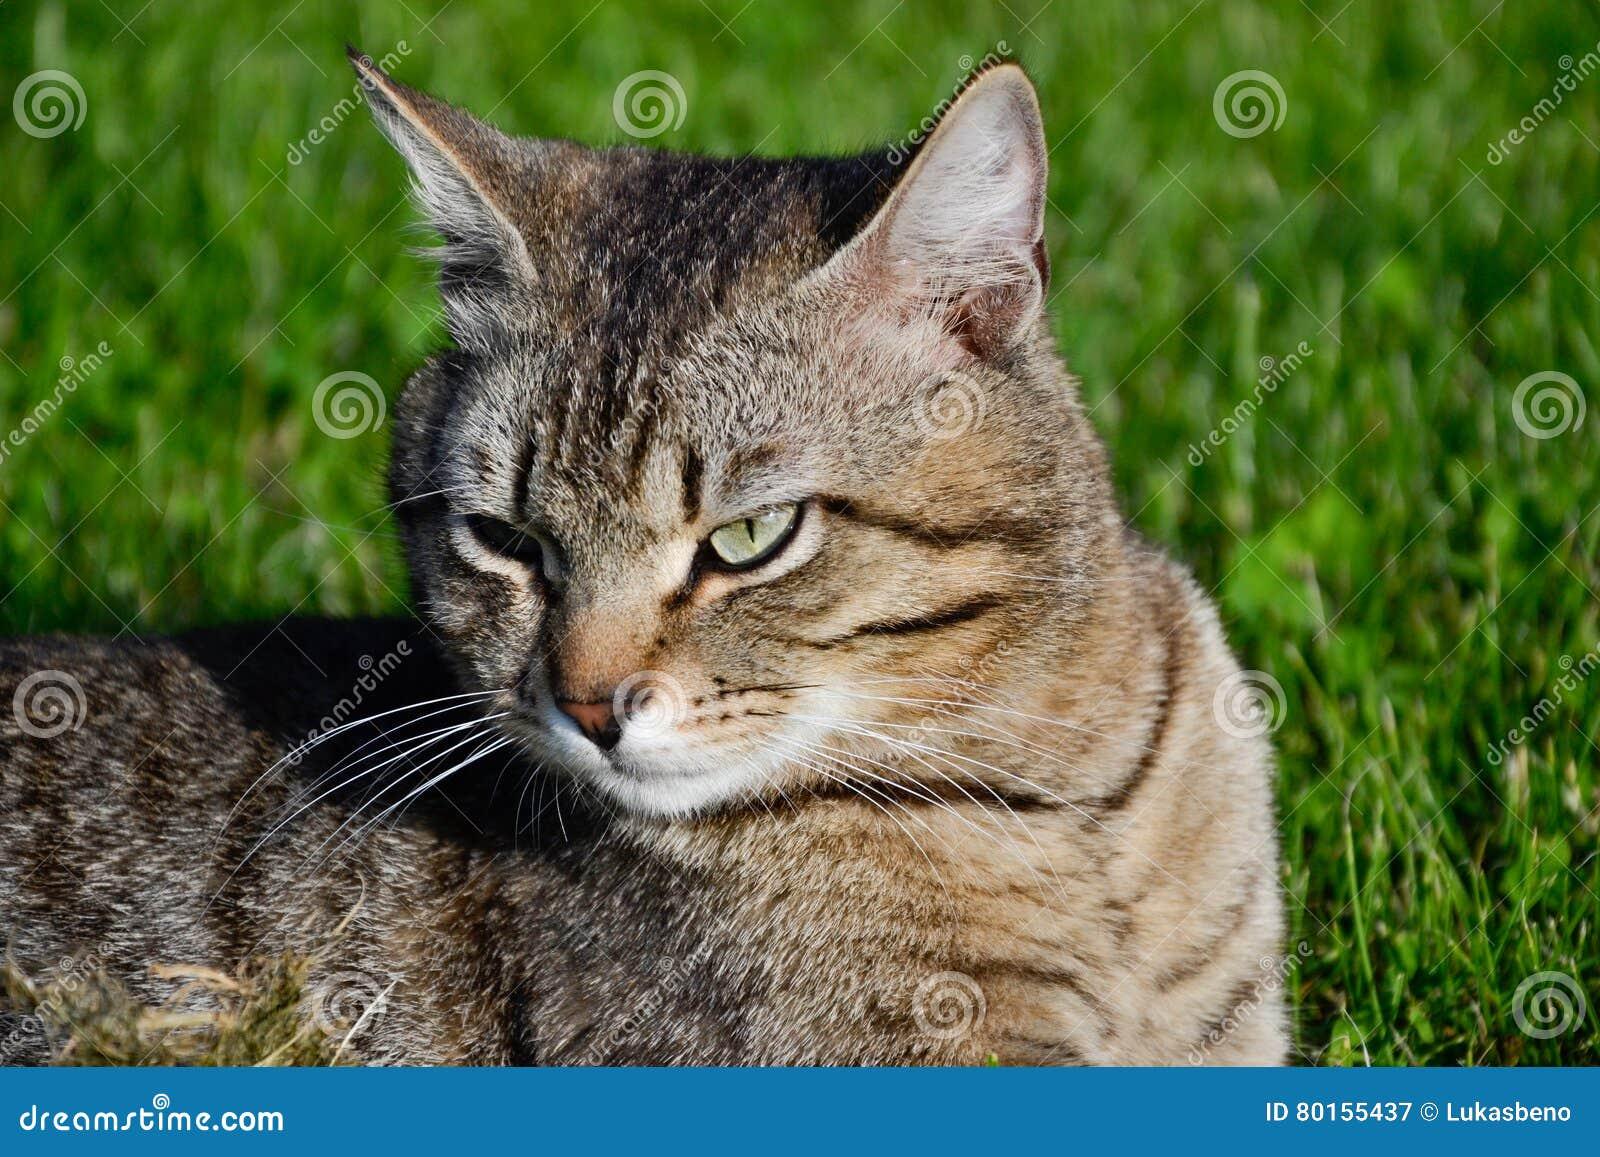 Retrato del gato de gato atigrado de pelo corto nacional que miente en la hierba Tomcat que se relaja en jardín